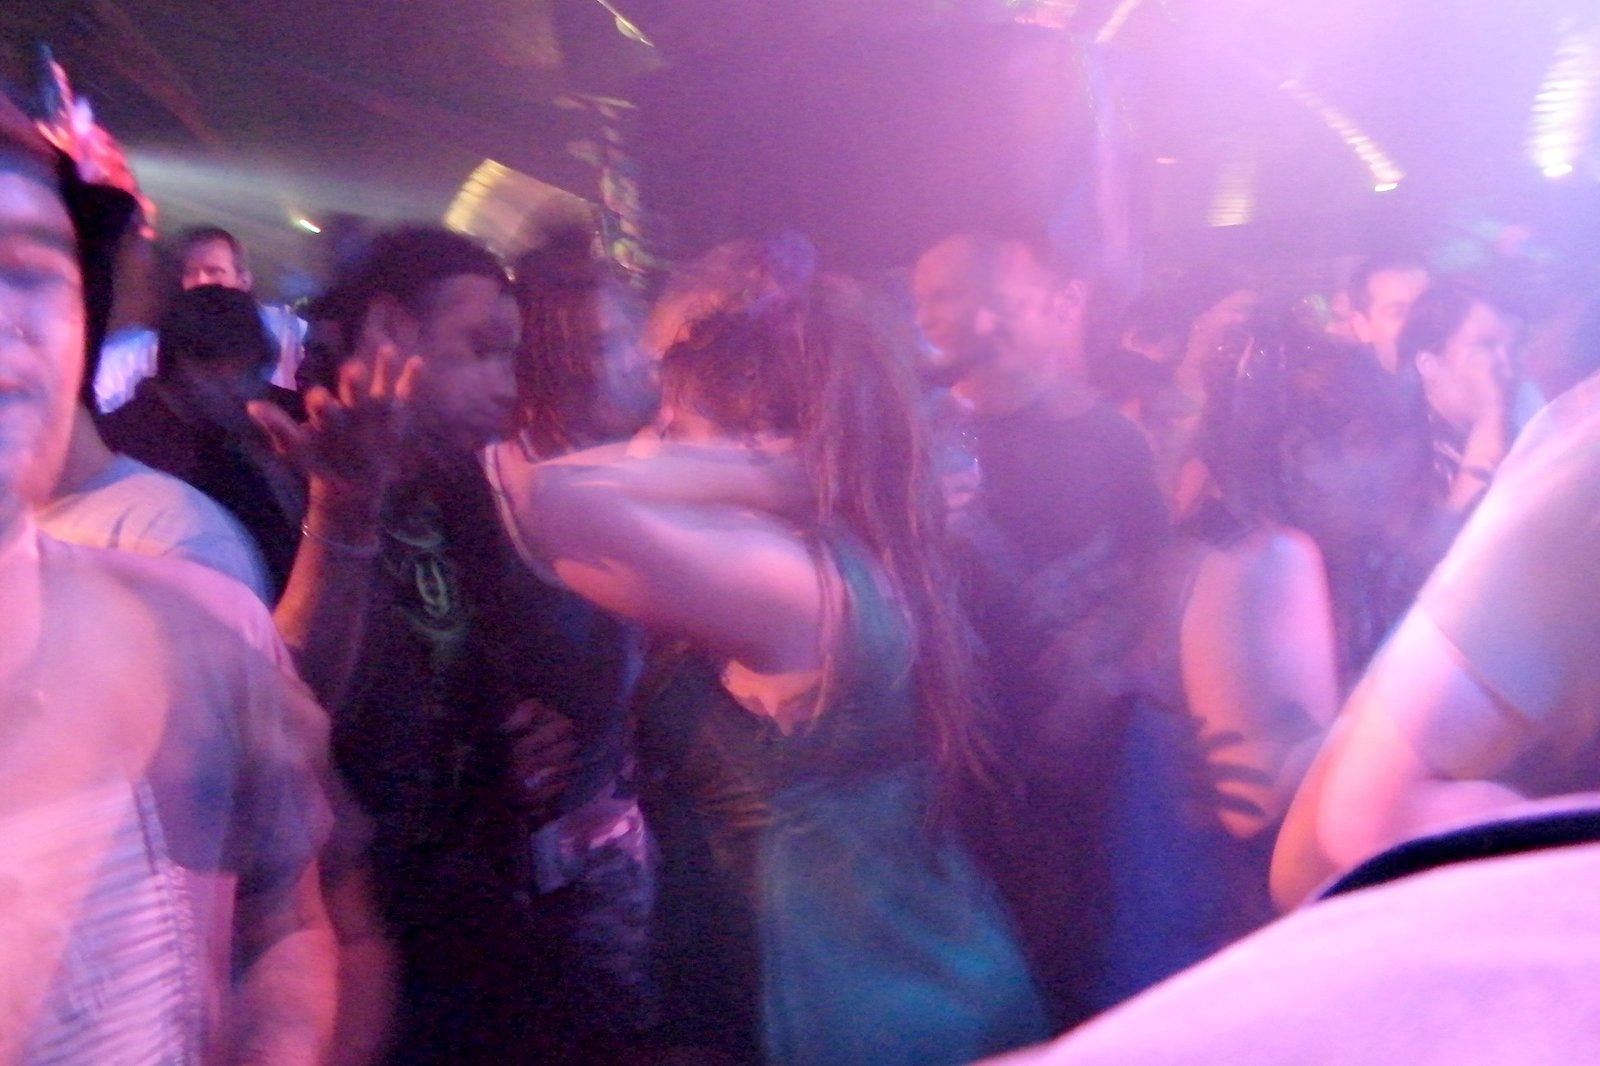 3 Best Nightclubs in Taipei - Most Popular Taipei Nightclubs